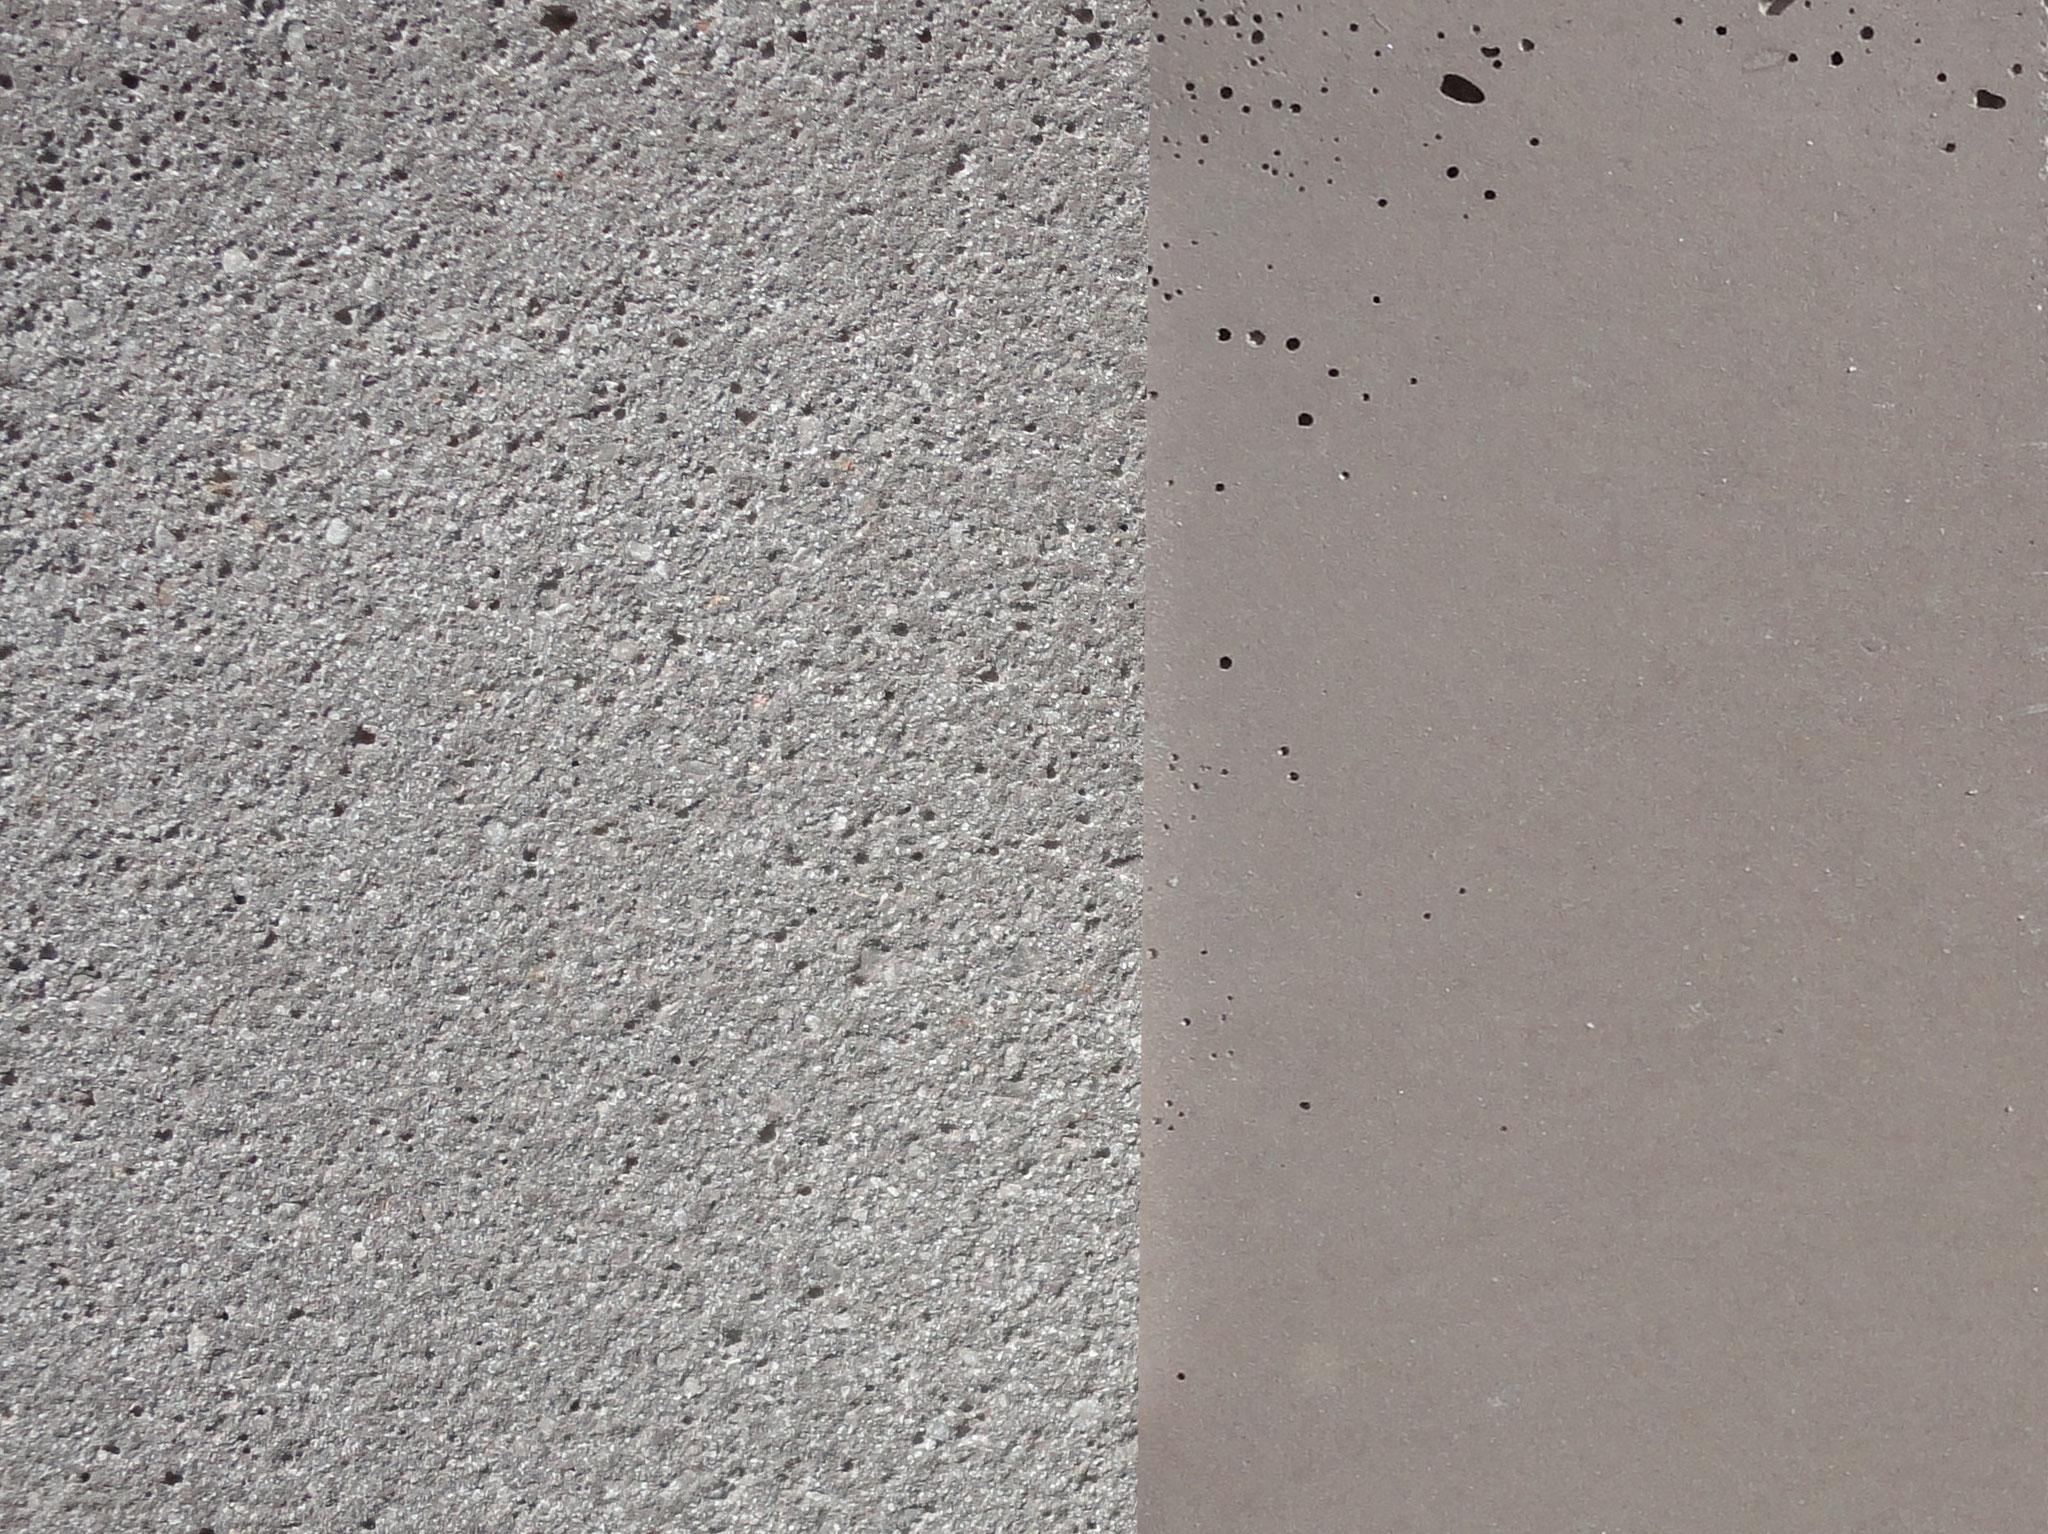 Farbe: Seidengrau, Farbnummer: 16, sandgestrahlt/schalrein